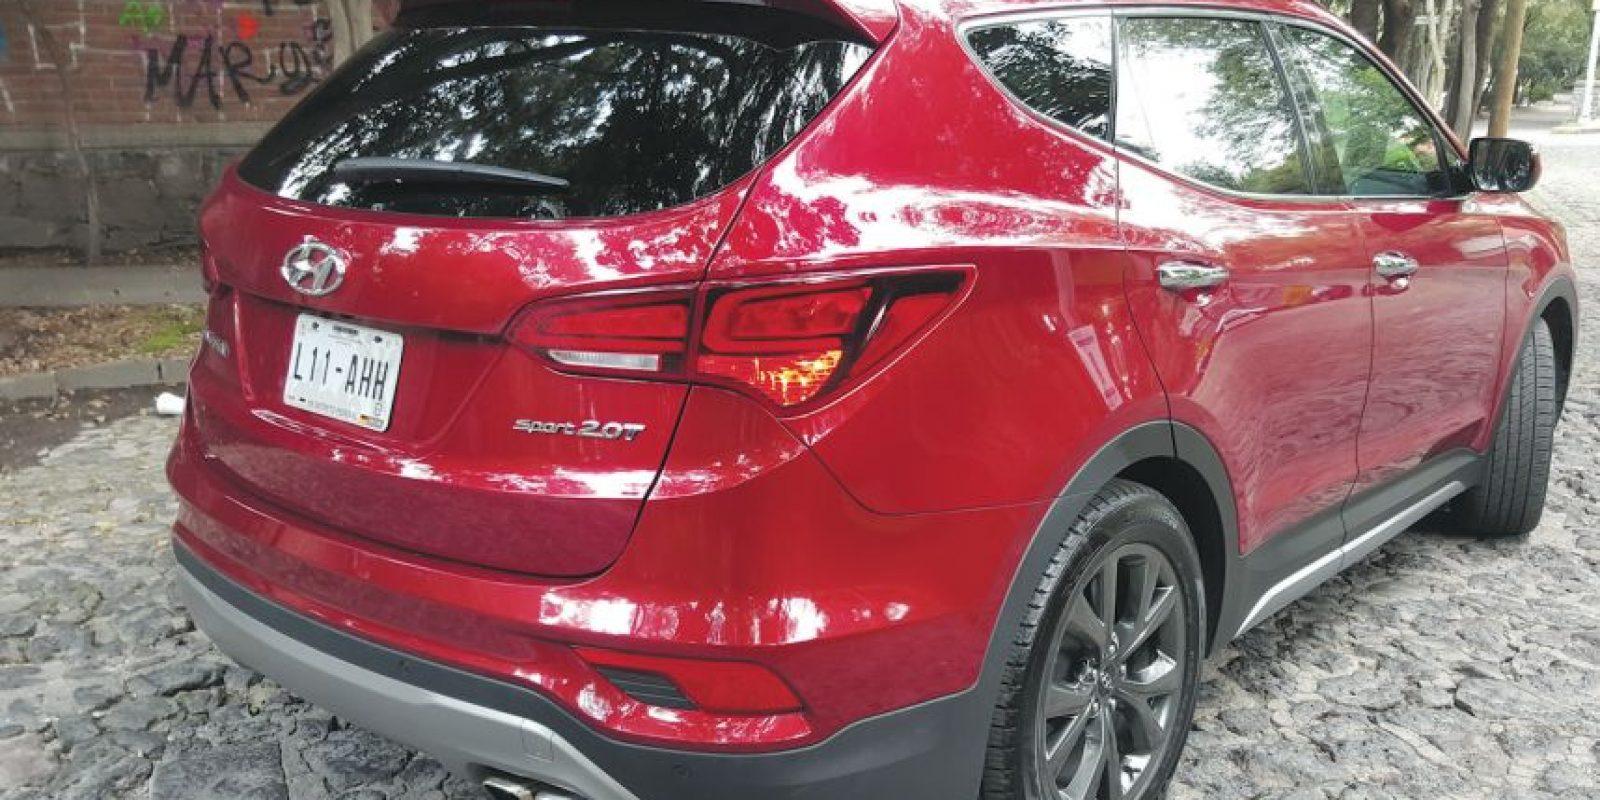 Precio504 mil900 pesos es el costo de la nueva Hyundai Santa Fe Sport 2.0T 2017 Foto:Claudio Zuckermann